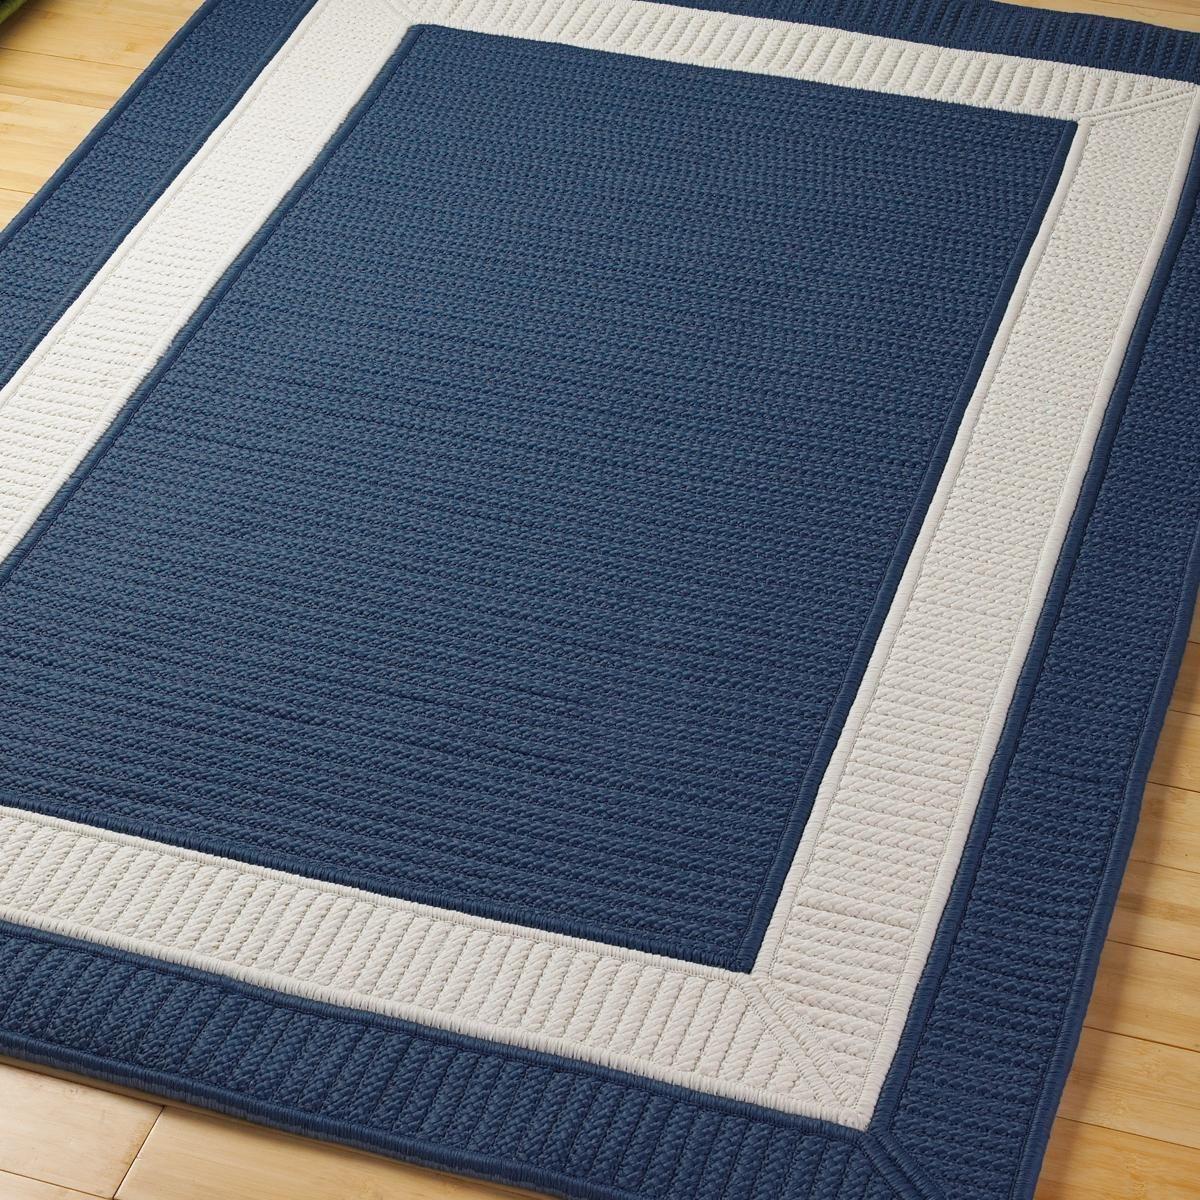 Border Braided Indoor/Outdoor Rug | Indoor outdoor rugs, Outdoor ...